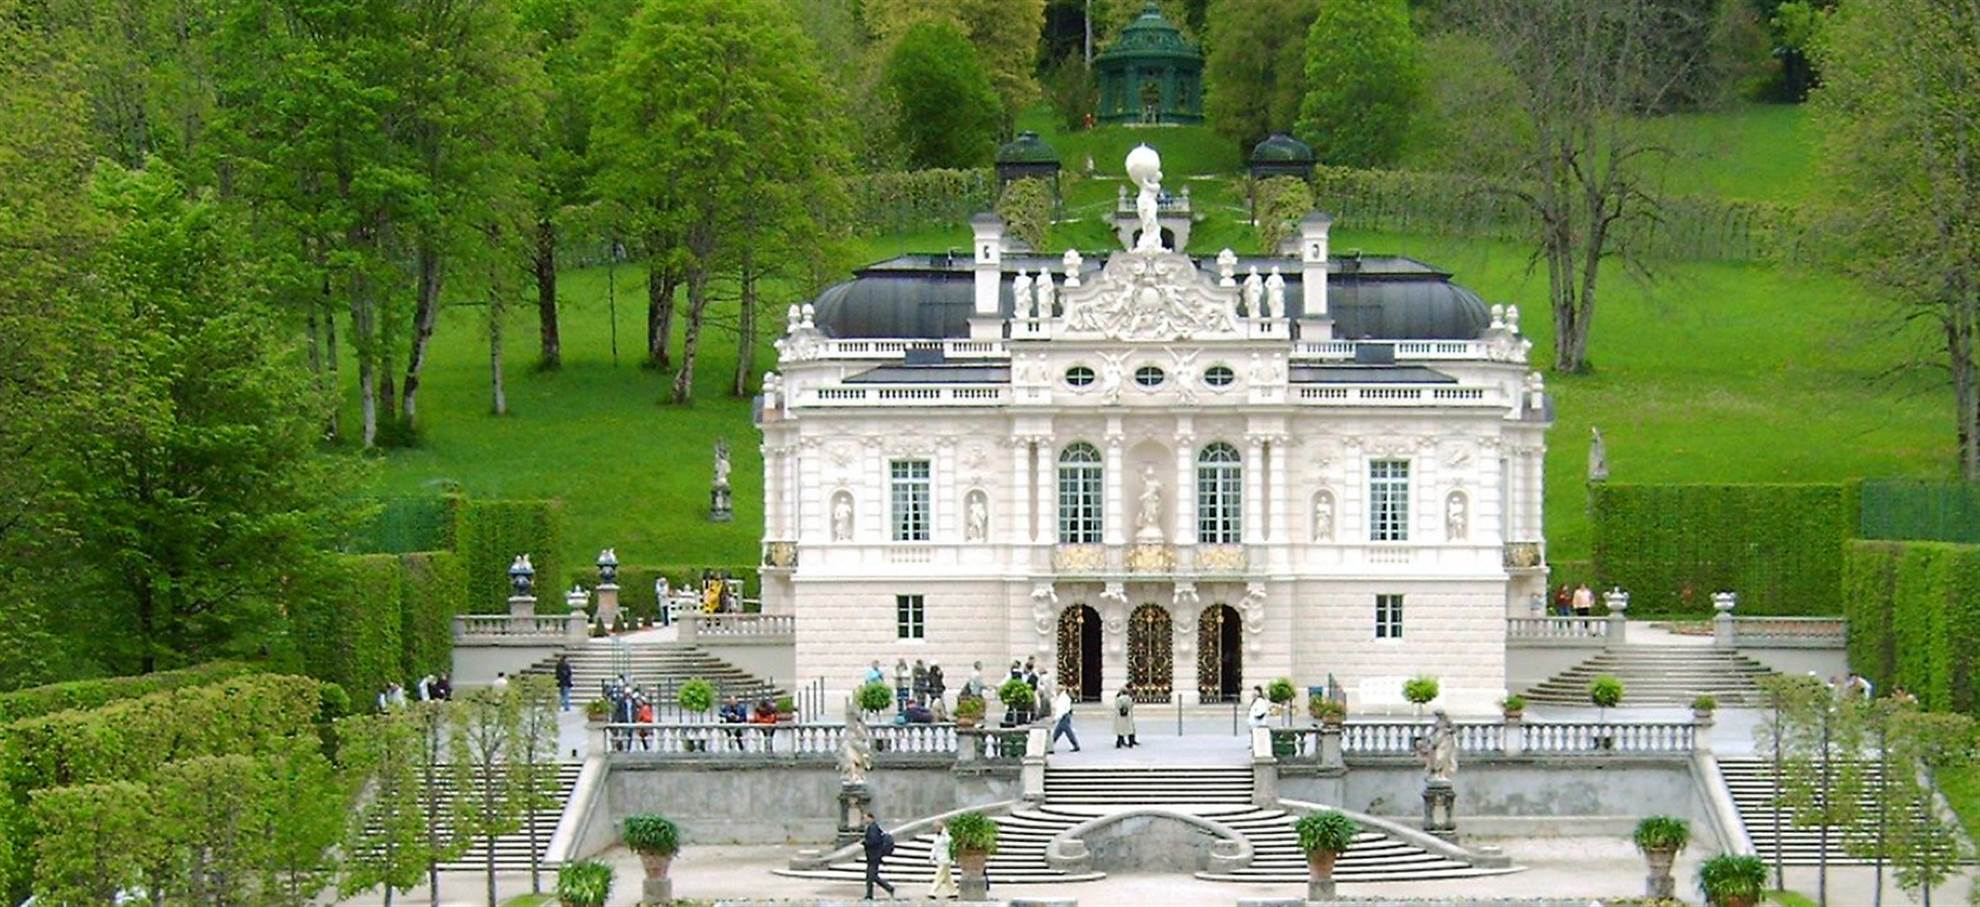 Замок Линдерхоф – билеты без очередей!